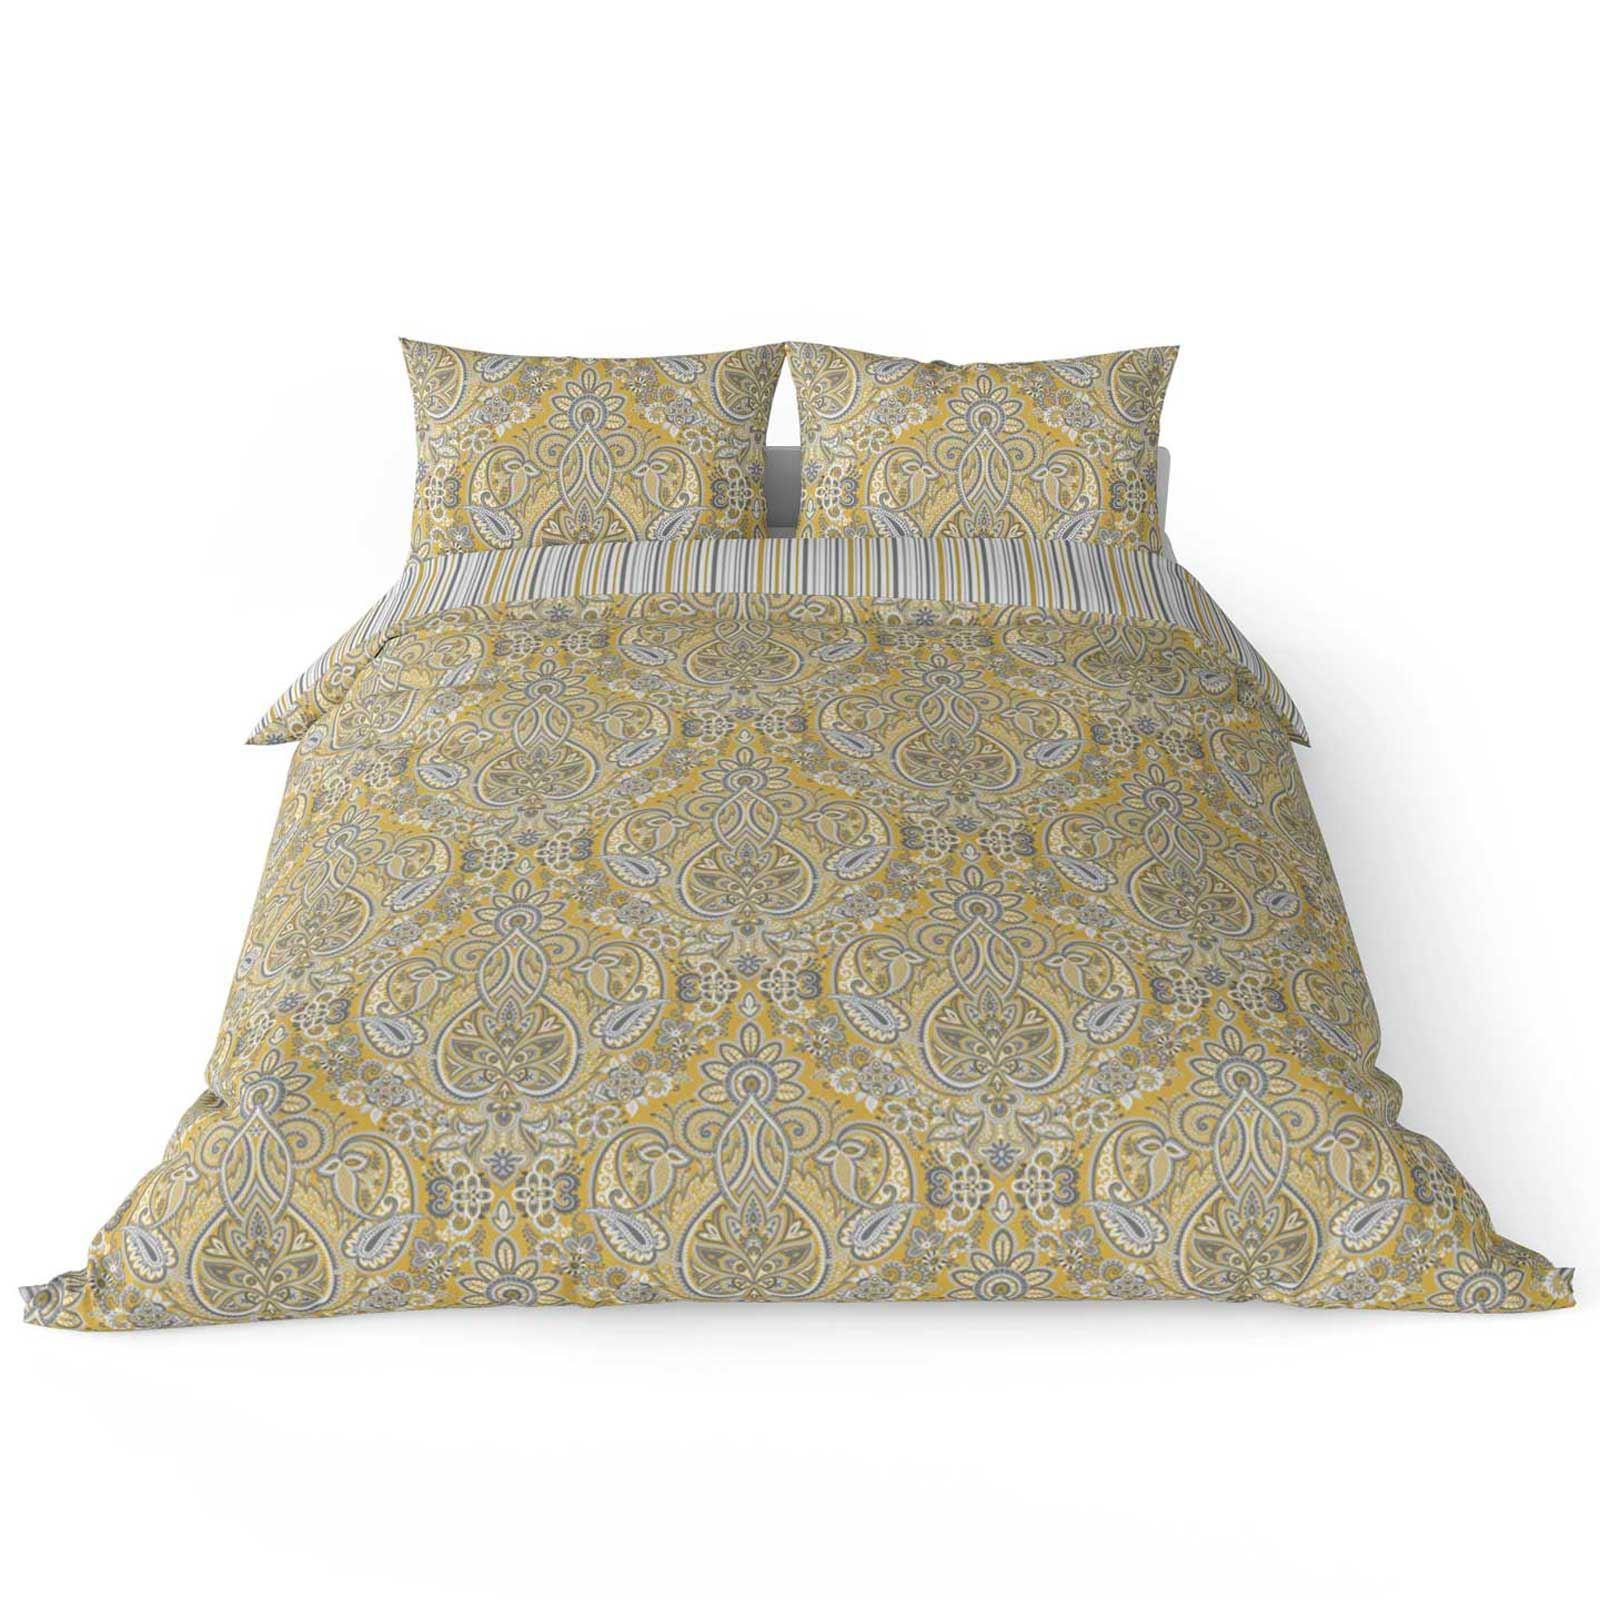 Mostaza-amarillo-ocre-Funda-de-edredon-impreso-Edredon-juego-ropa-de-cama-cubre-conjuntos miniatura 45